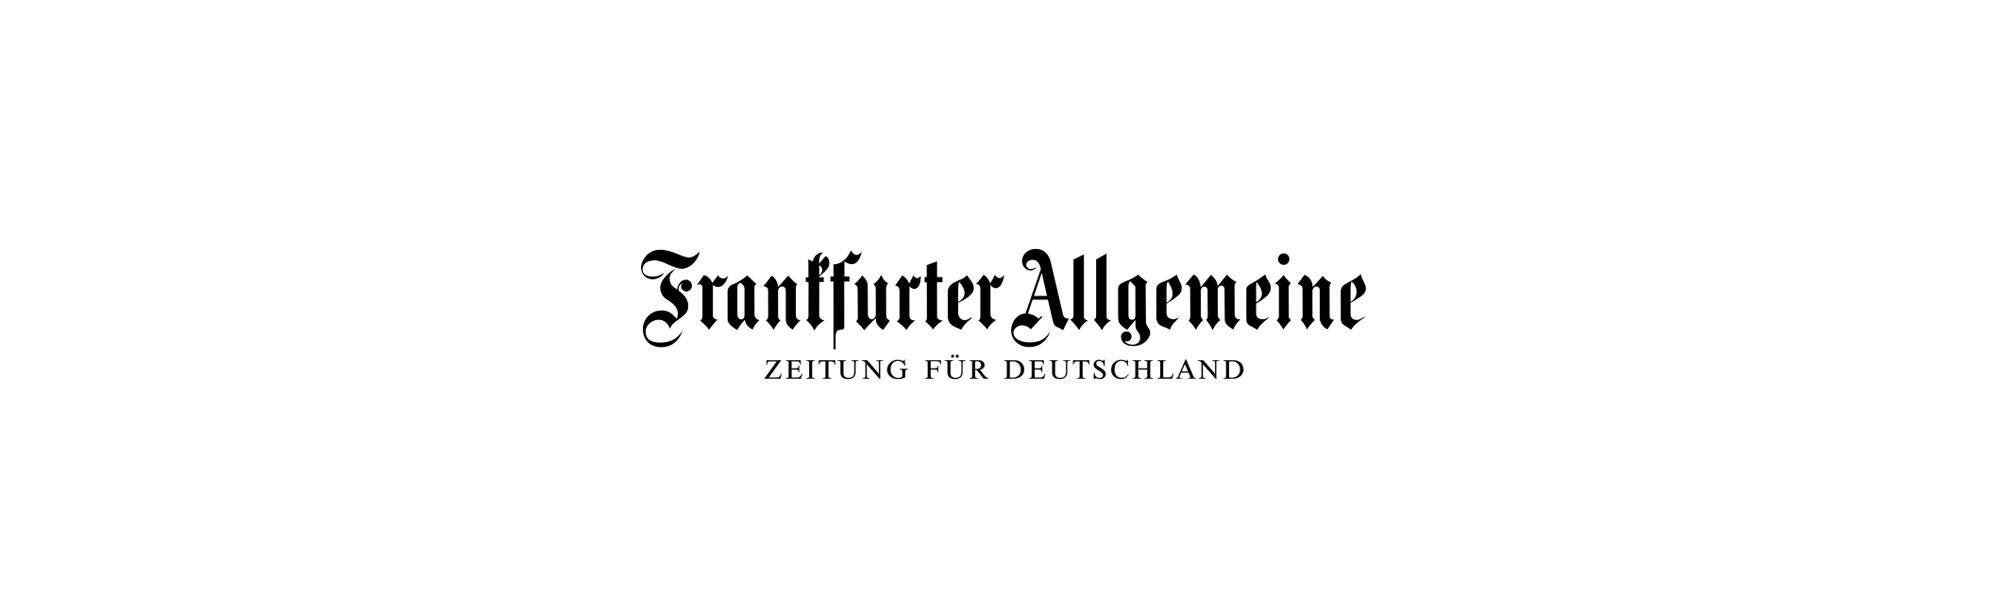 Frankfurter Allgemeine Zeitung …mehr